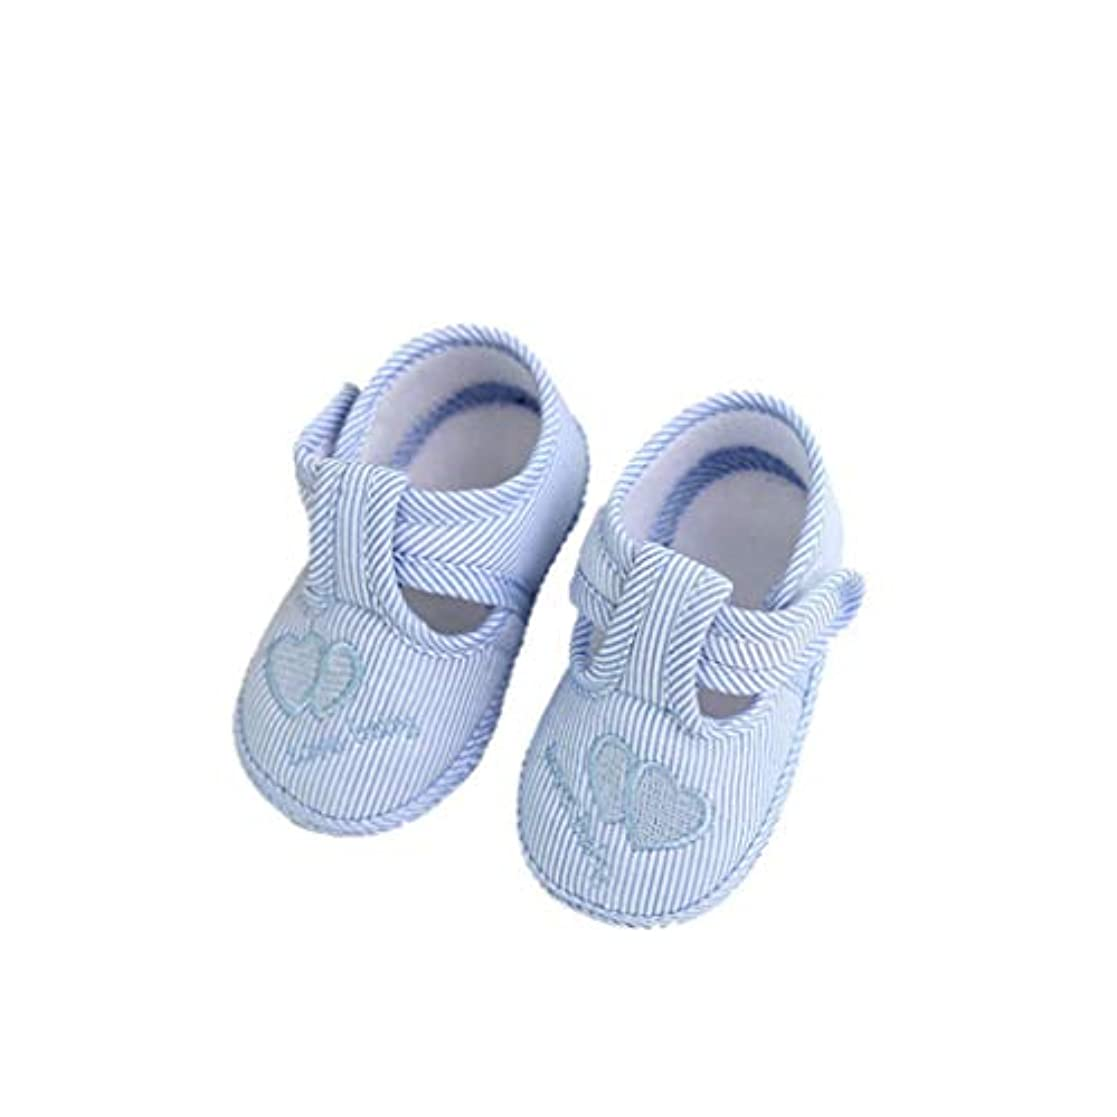 赤ちゃん靴 Hosam ファーストシューズ ベビーシューズ 女の子 男の子 スニーカー 子供用 保暖 防寒 冬用ブーツ 暖かい 綿靴 ベビー 軽量 通気 防滑 運動靴 子供靴 歩行練習 履き心地いい 記念日 出産お祝いプレゼント